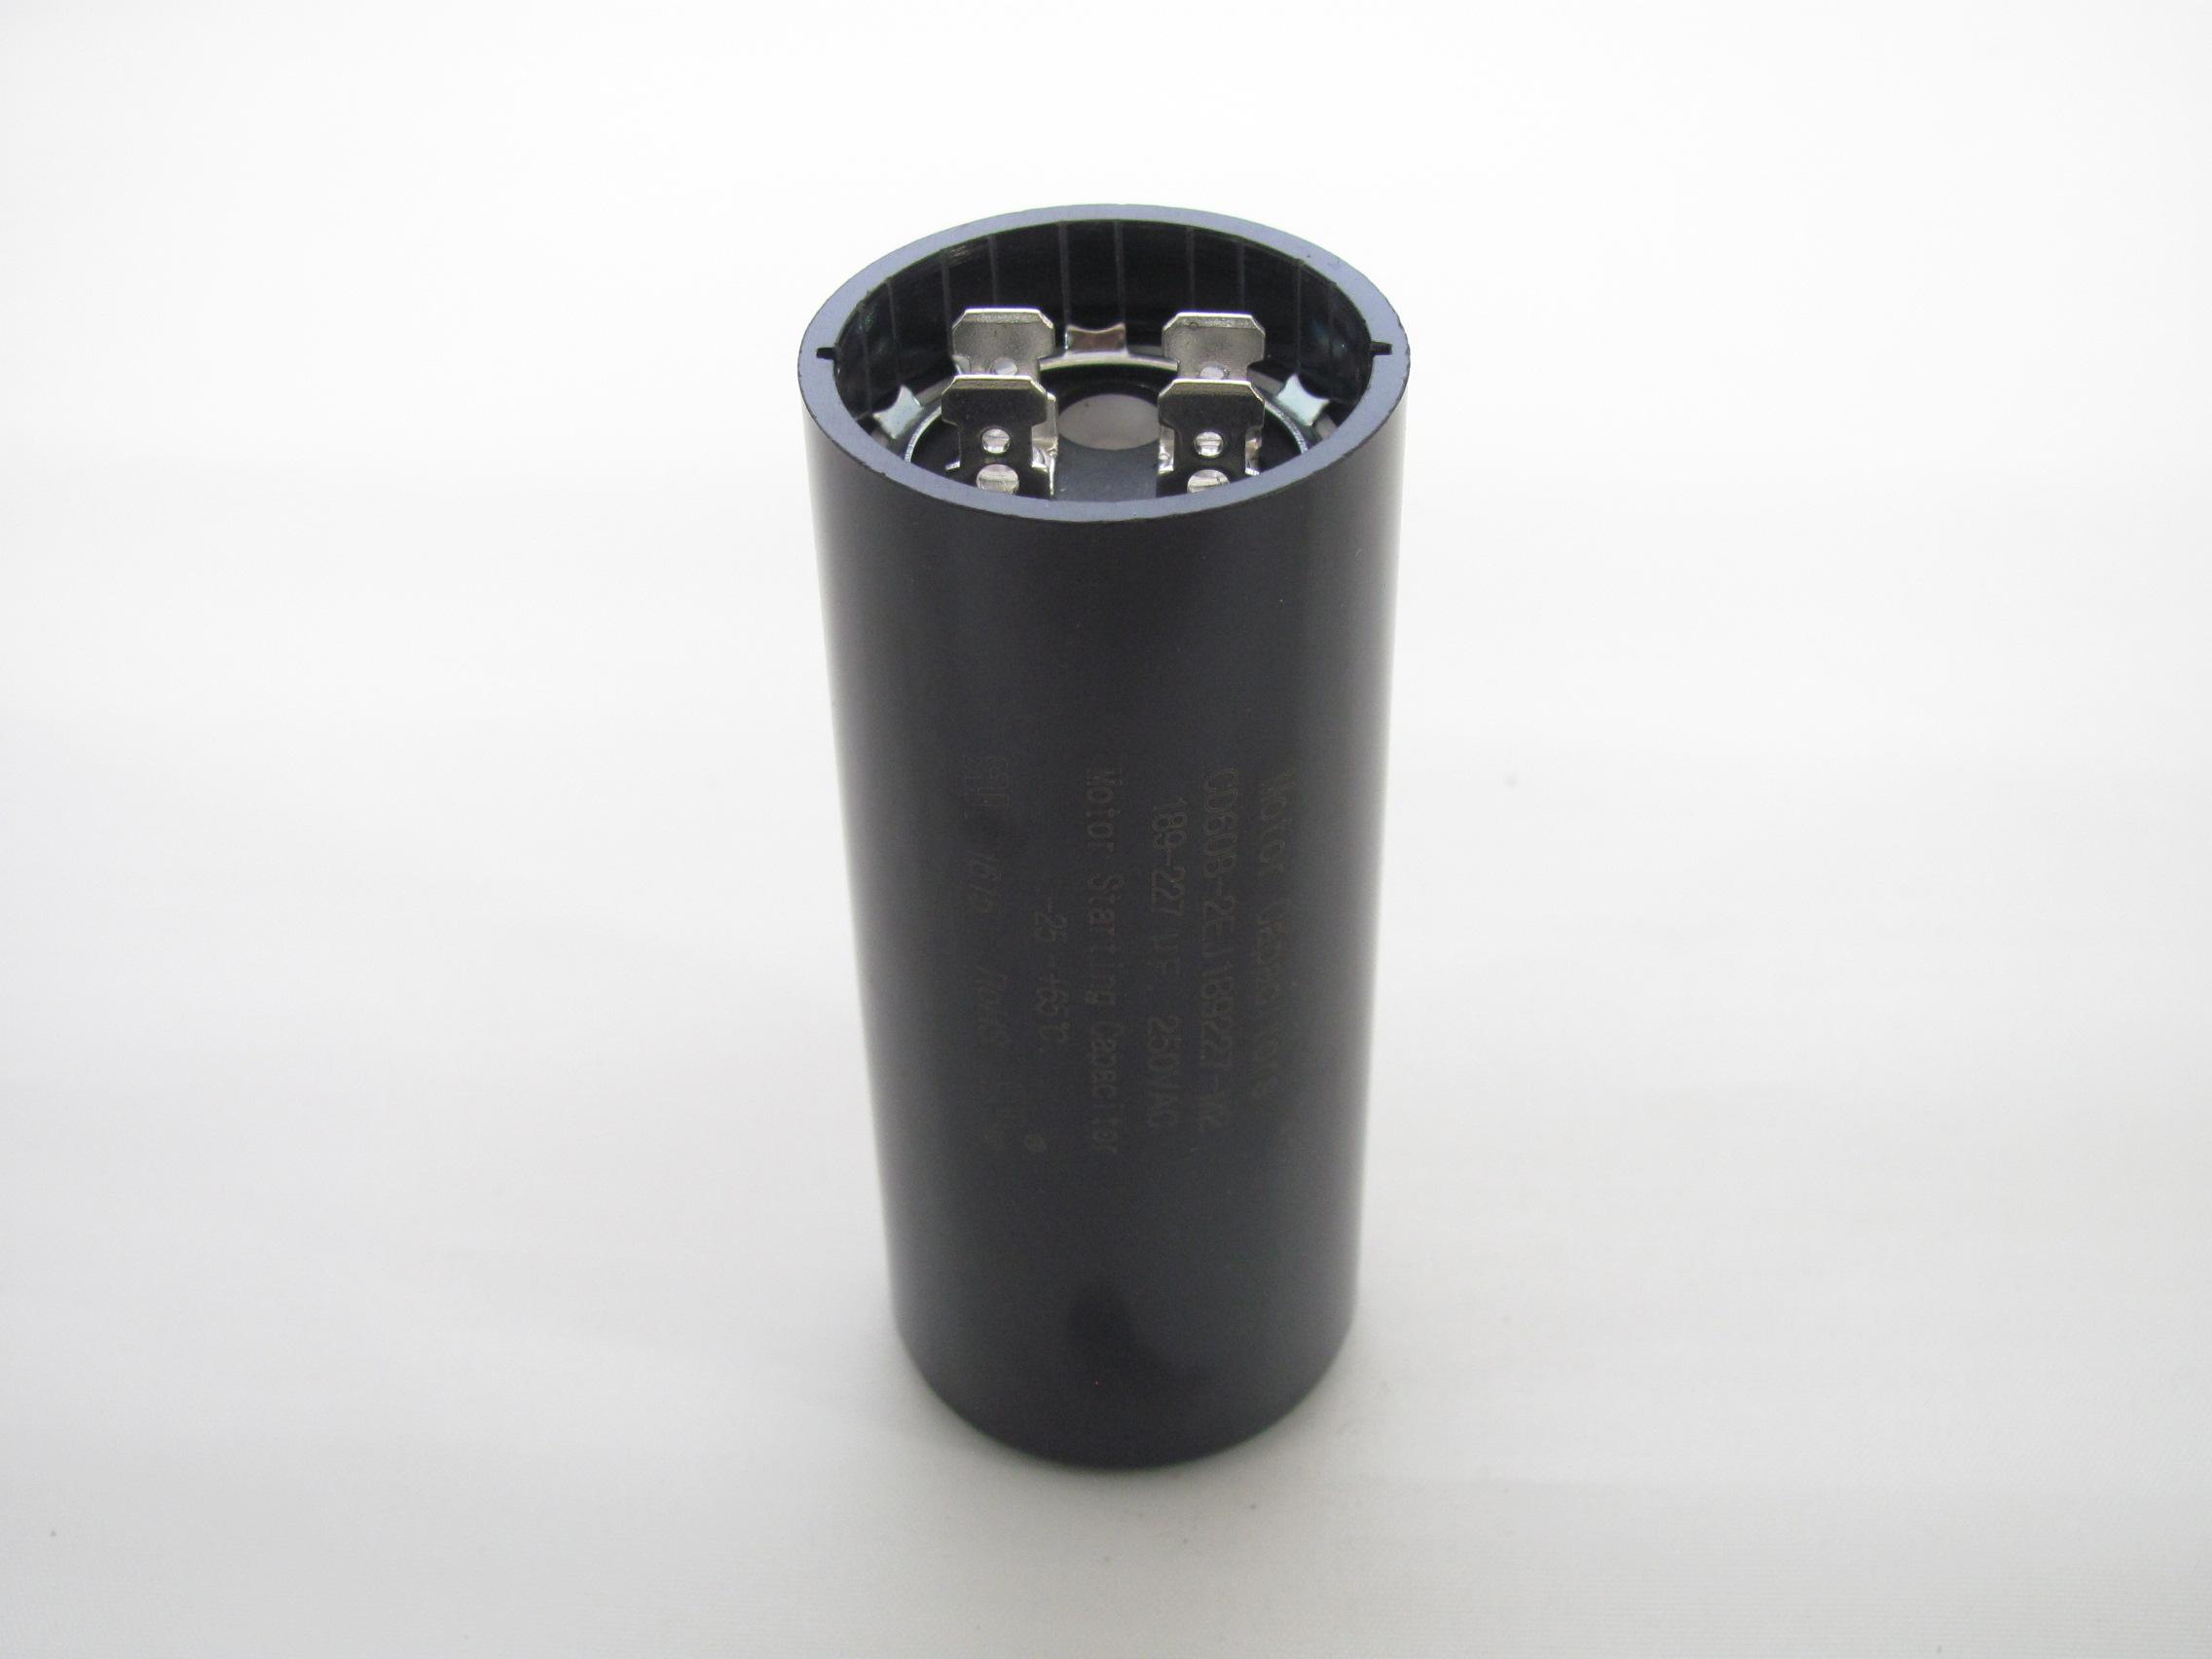 Cd60b 2ej189227 M2 189 227 Uf 250 Vac Capacitor